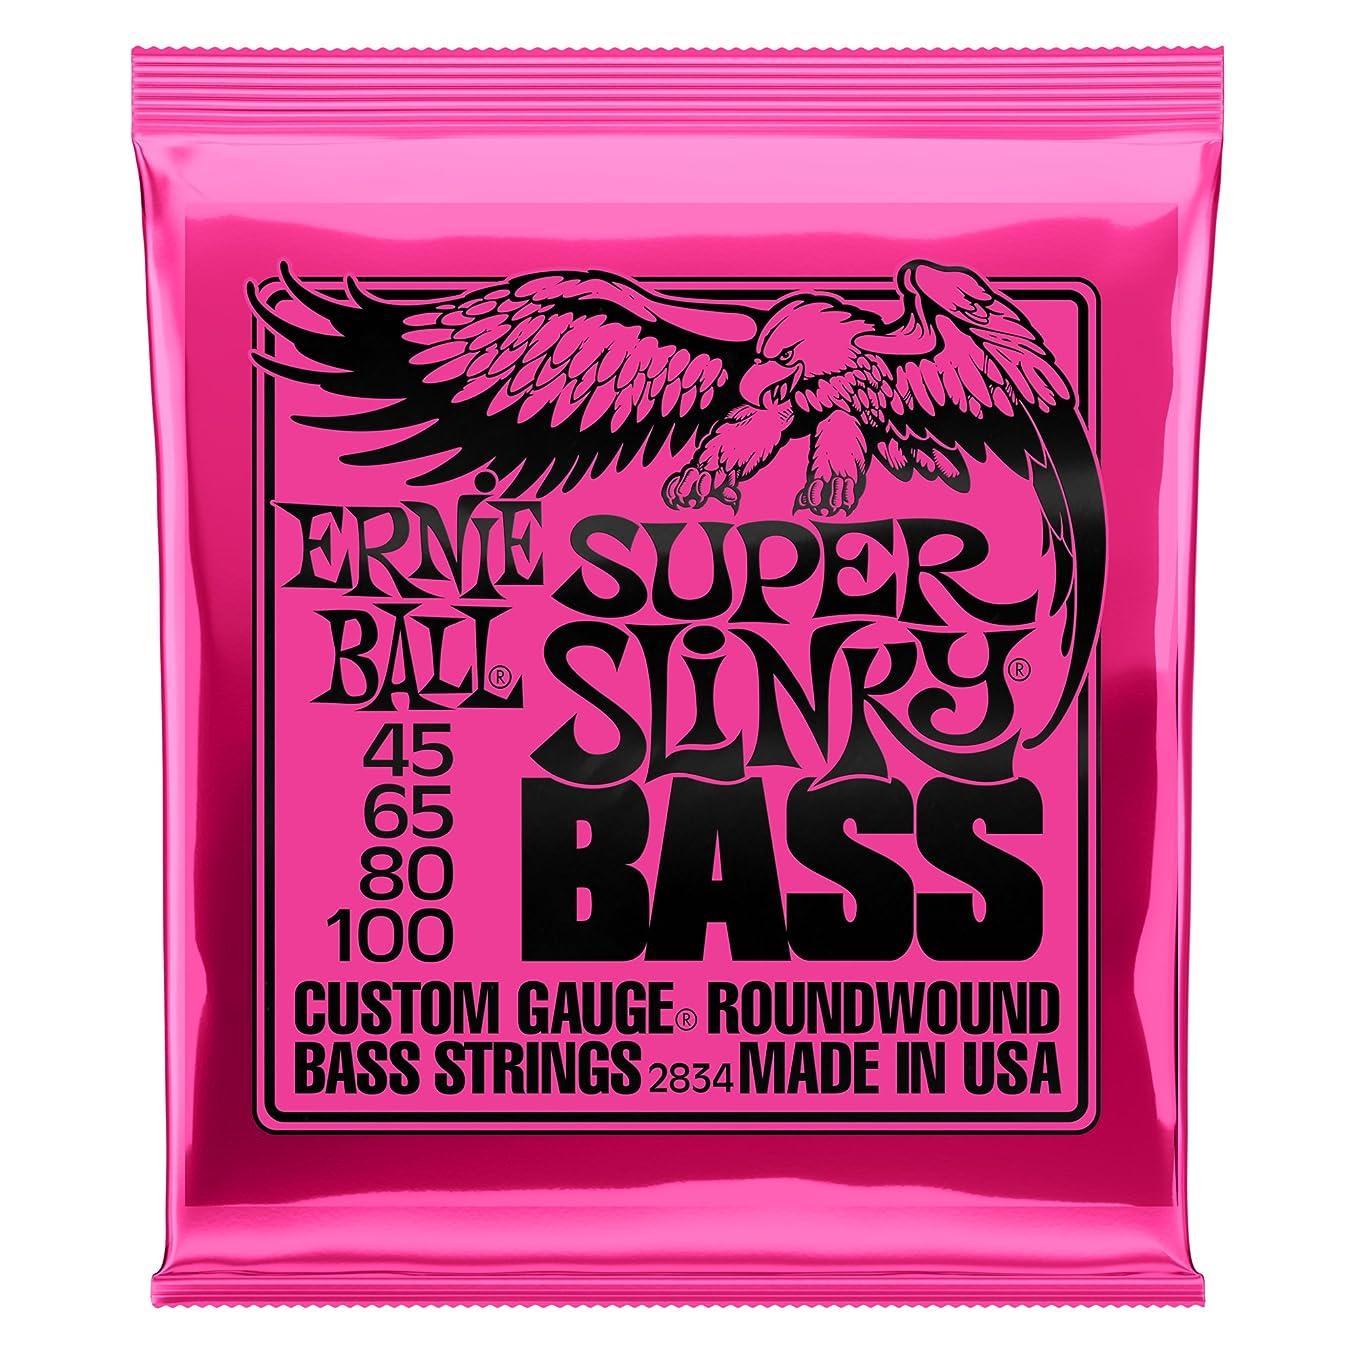 クロールジョージエリオットパートナー【正規品】 ERNIE BALL 2834 ベース弦 (45-100) SUPER SLINKY BASS スーパー?スリンキー?ベース